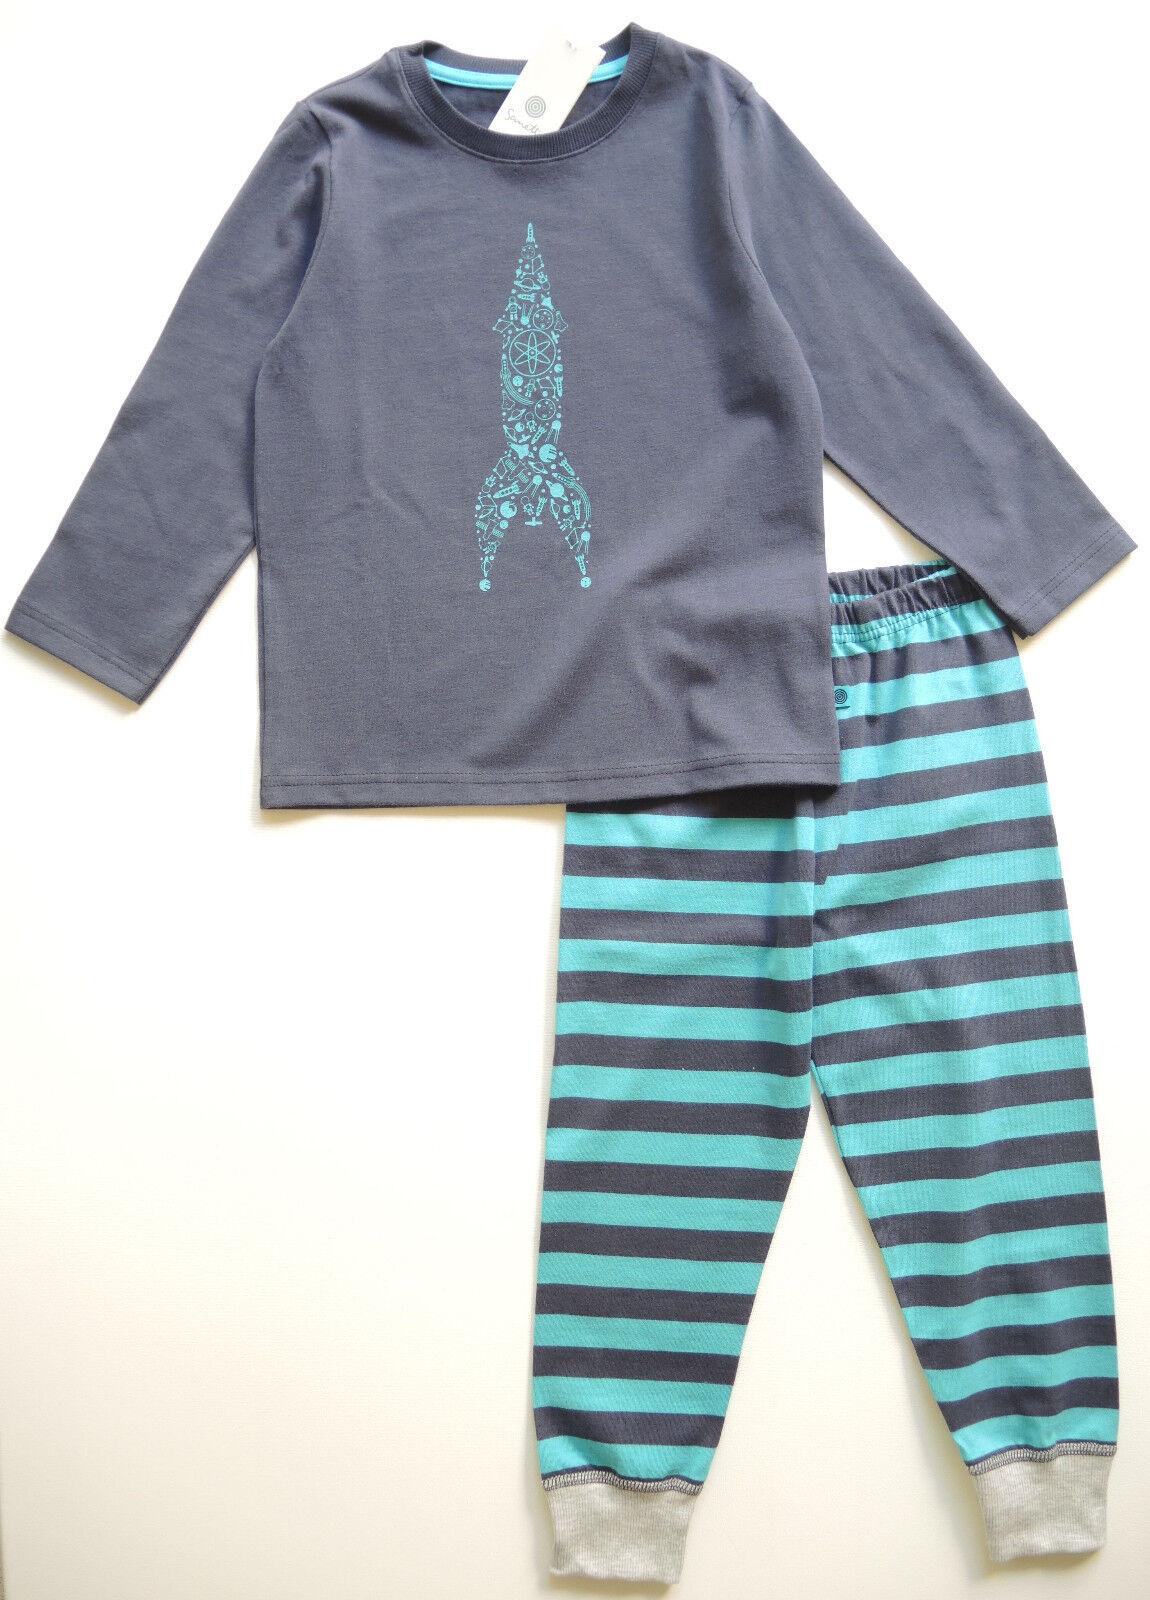 8cab66a318 Sanetta Pyjama Jungen Test Vergleich +++ Sanetta Pyjama Jungen ...